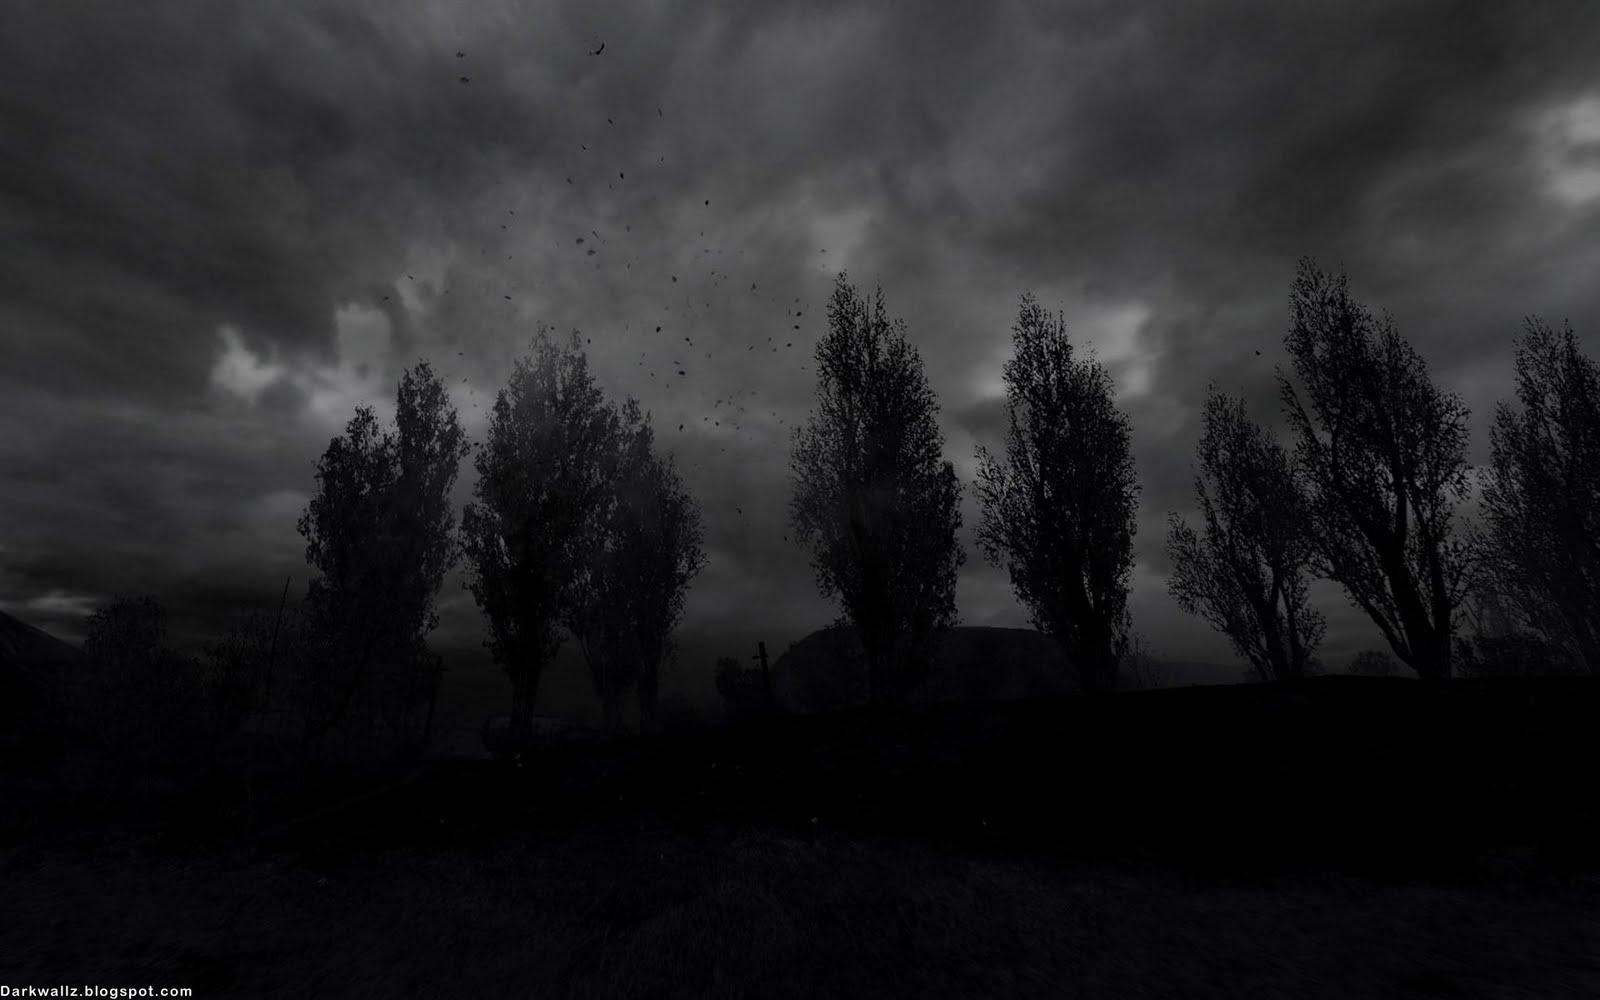 Dark Widescreen Wallpaper